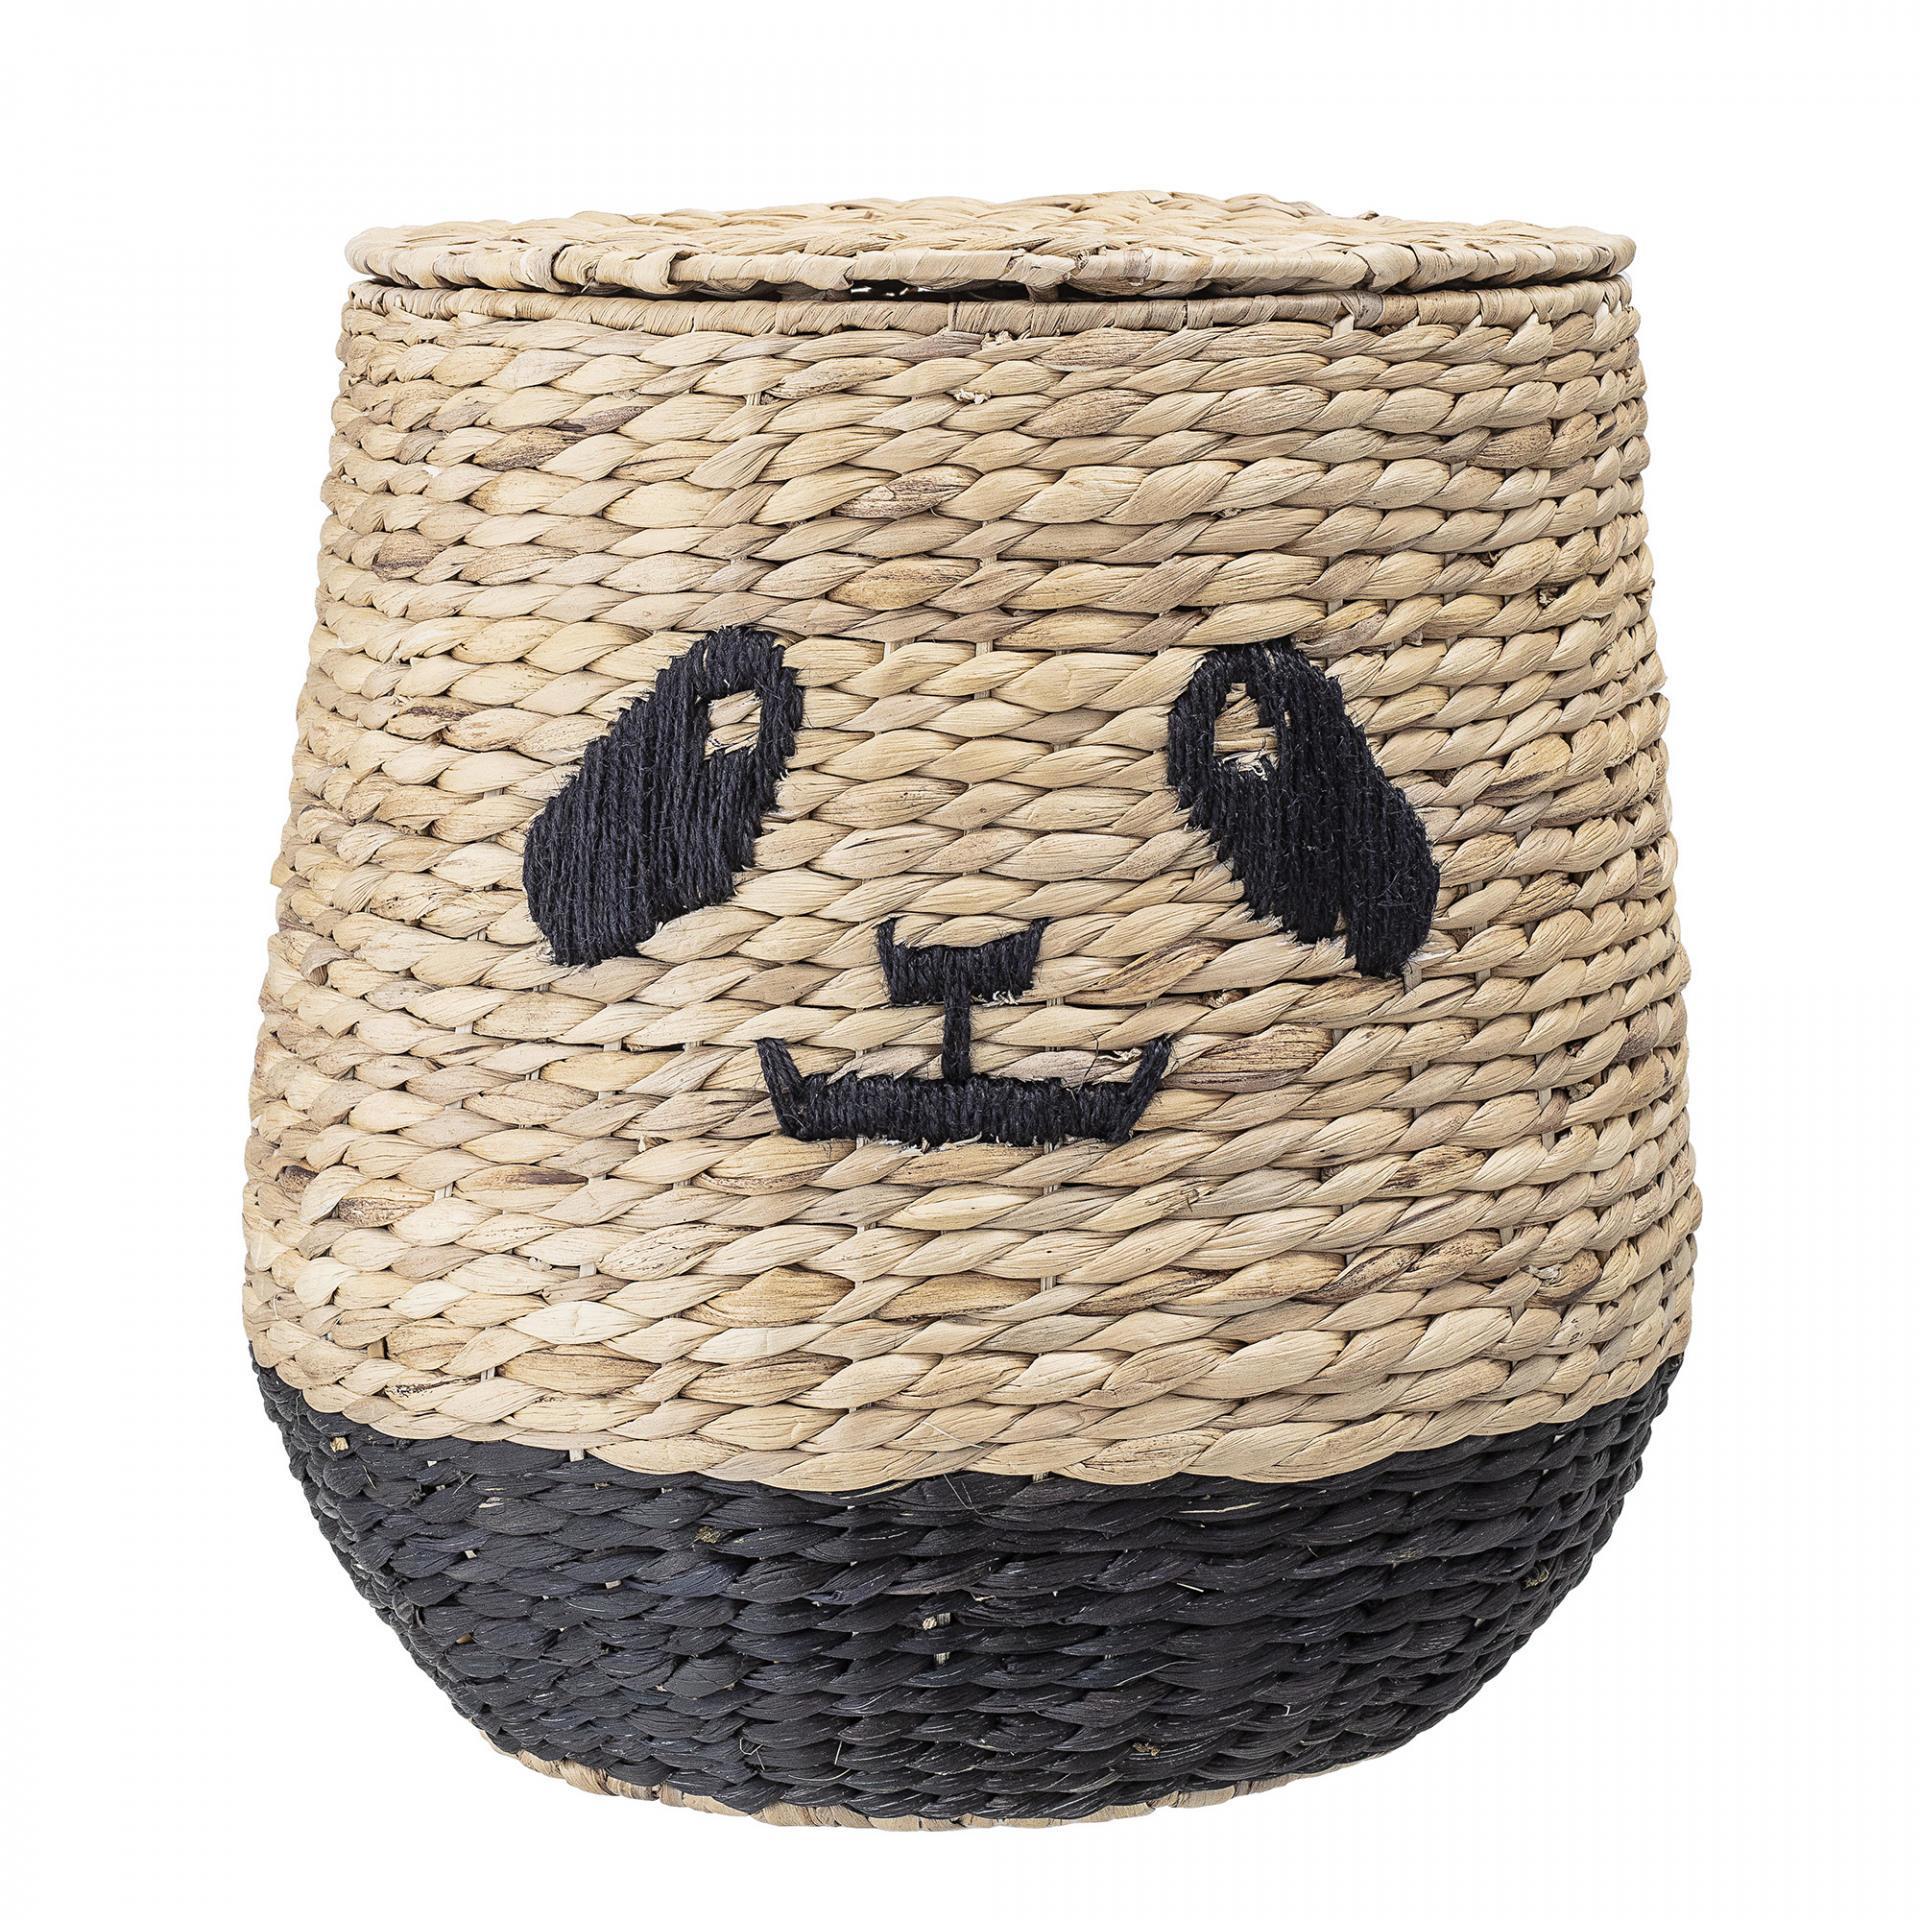 Bloomingville Slaměný koš s víkem Panda, černá barva, přírodní barva, proutí